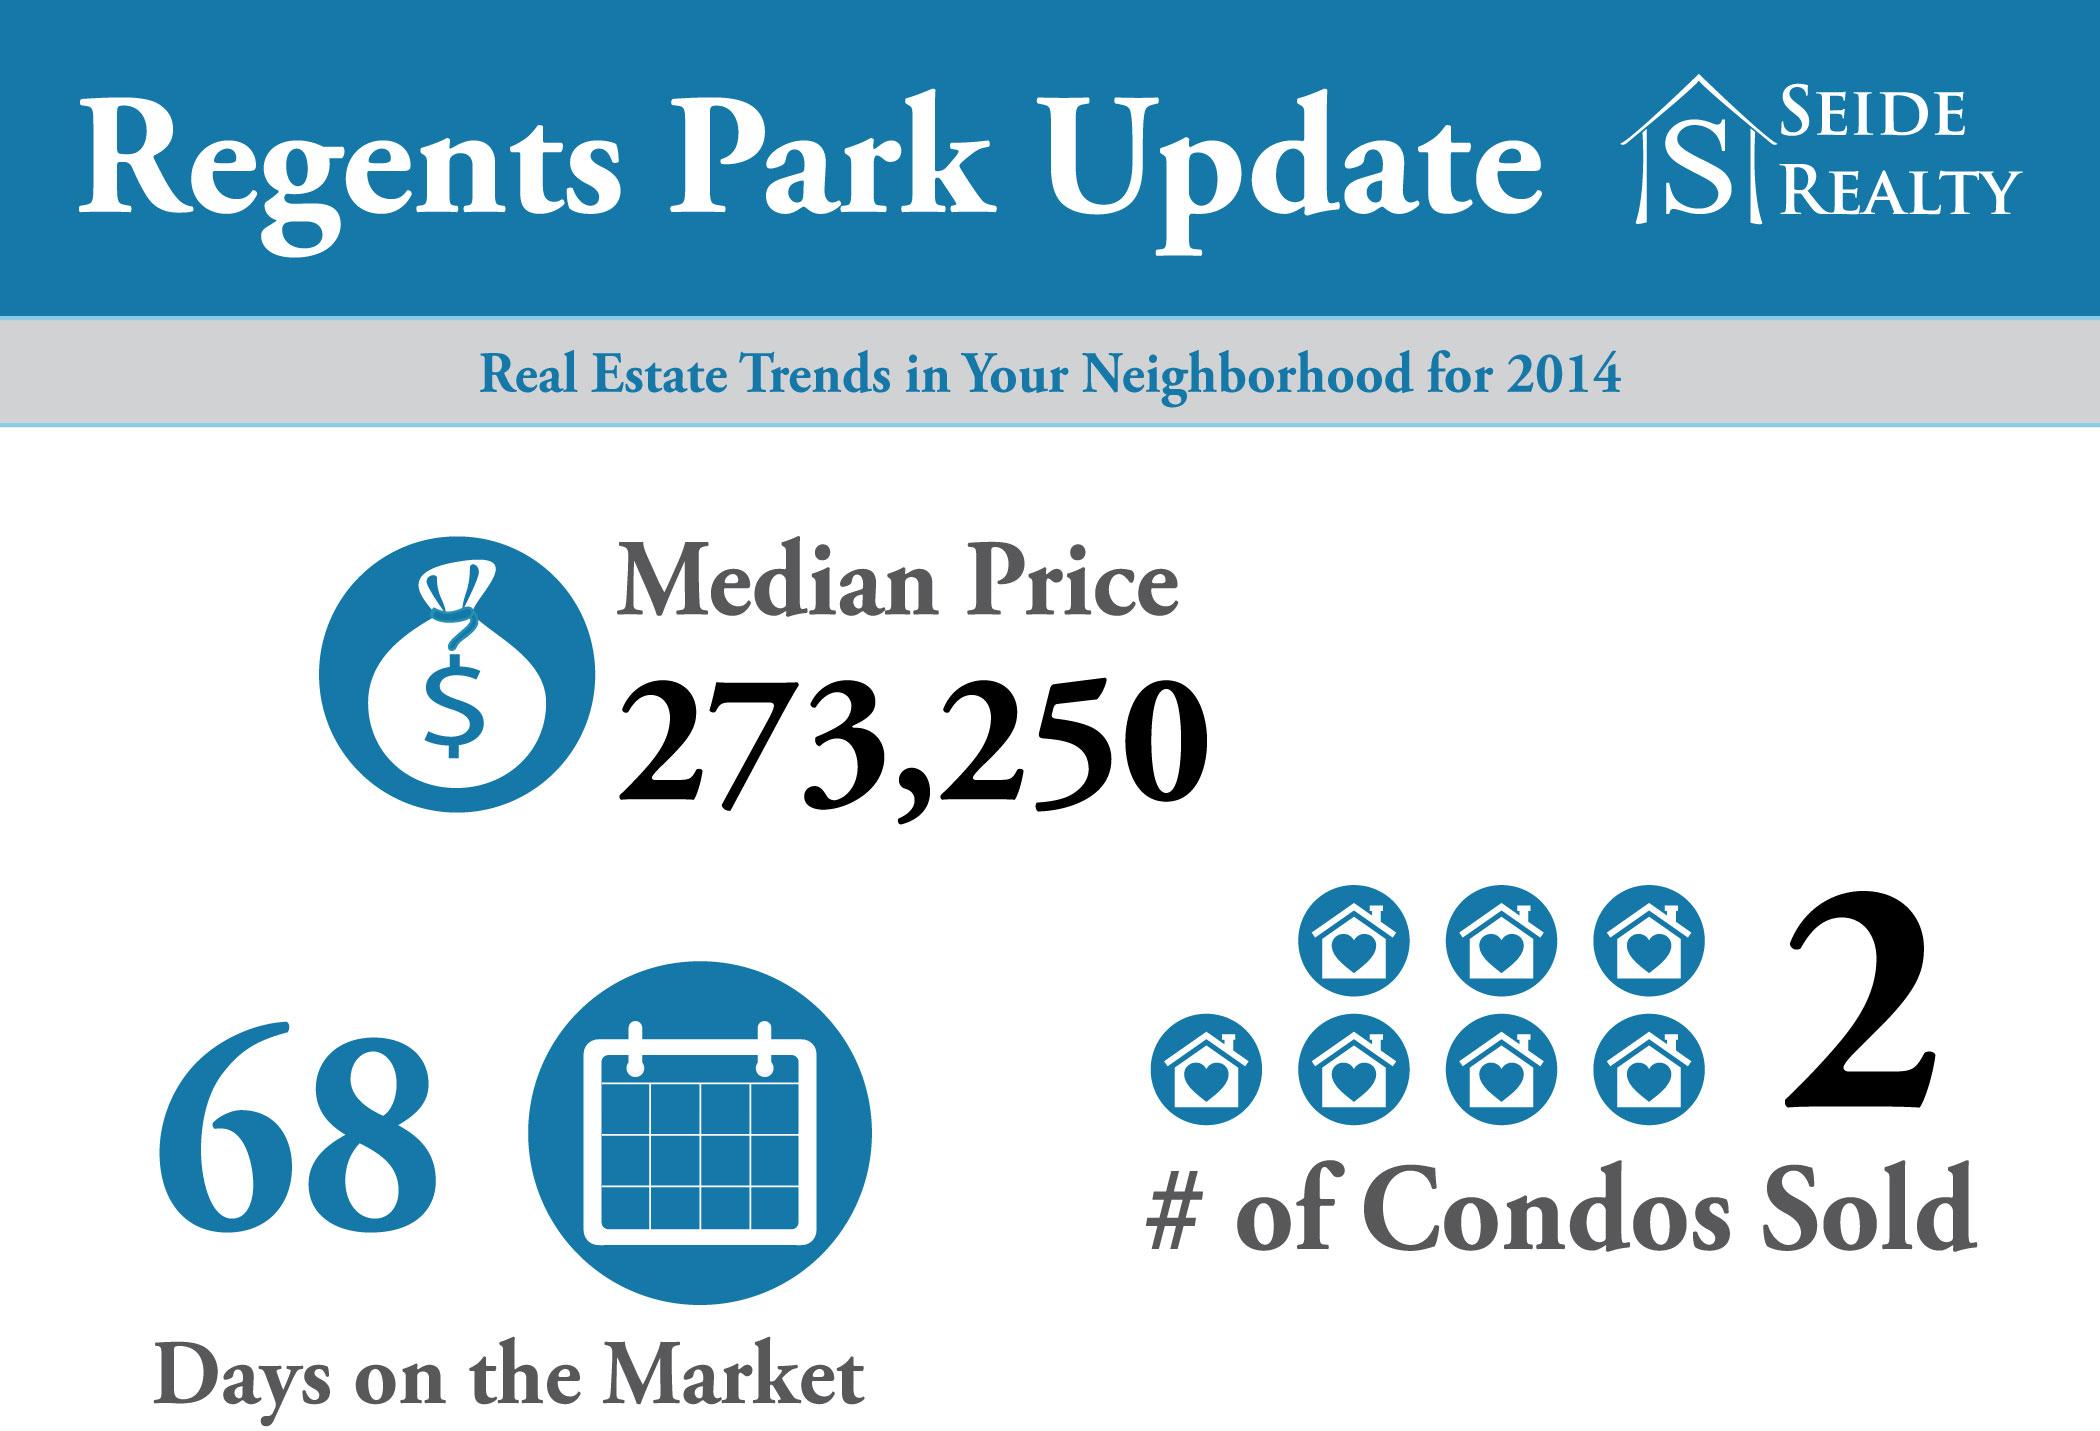 Real Estate Trends in Regents Park